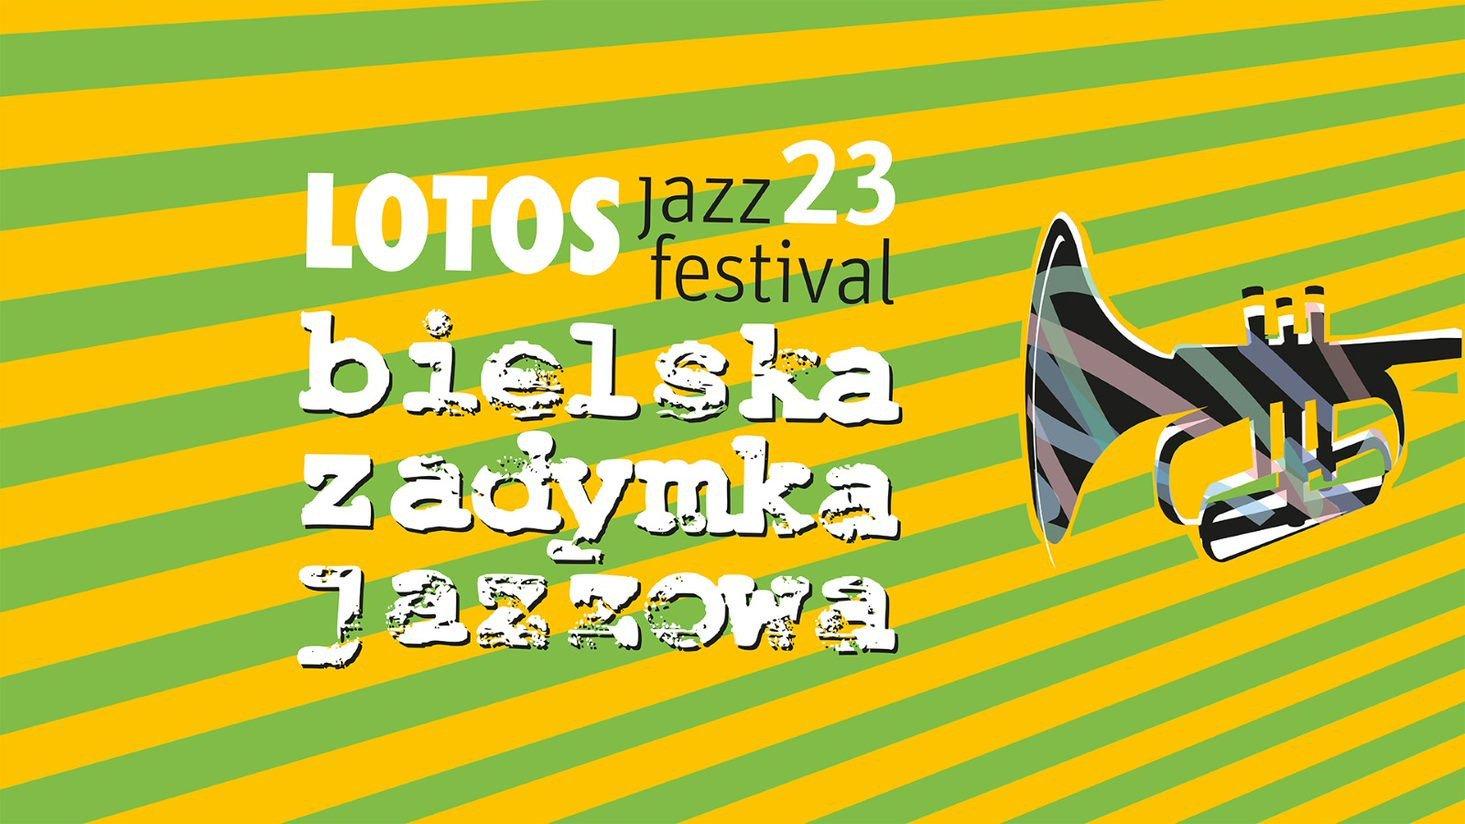 Pierwszy festiwal muzyczny po lockdownie już za 8 dni! Jakie gwiazdy światowego jazzu zobaczymy na plenerowych scenach w Bielsku-Białej?